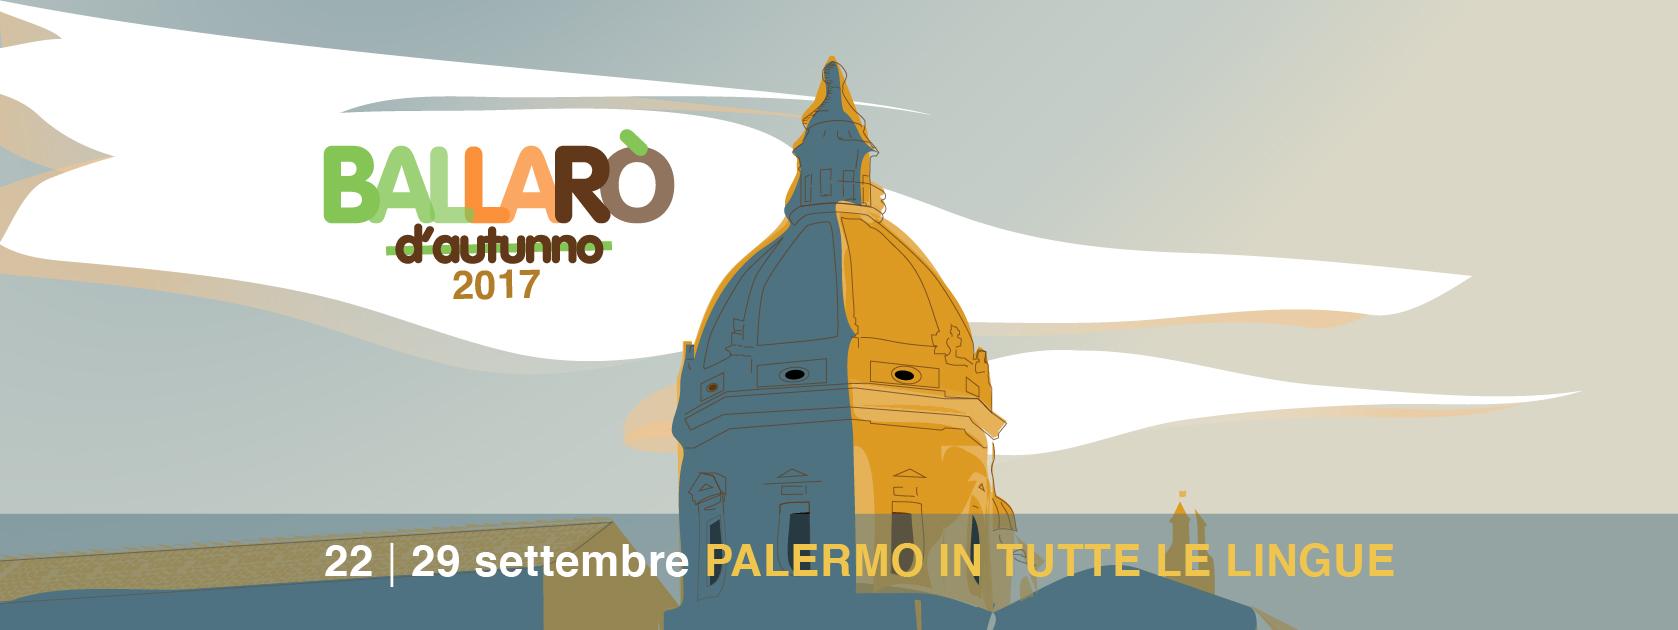 Ballarò d'autunno 2017 – Palermo in tutte le lingue